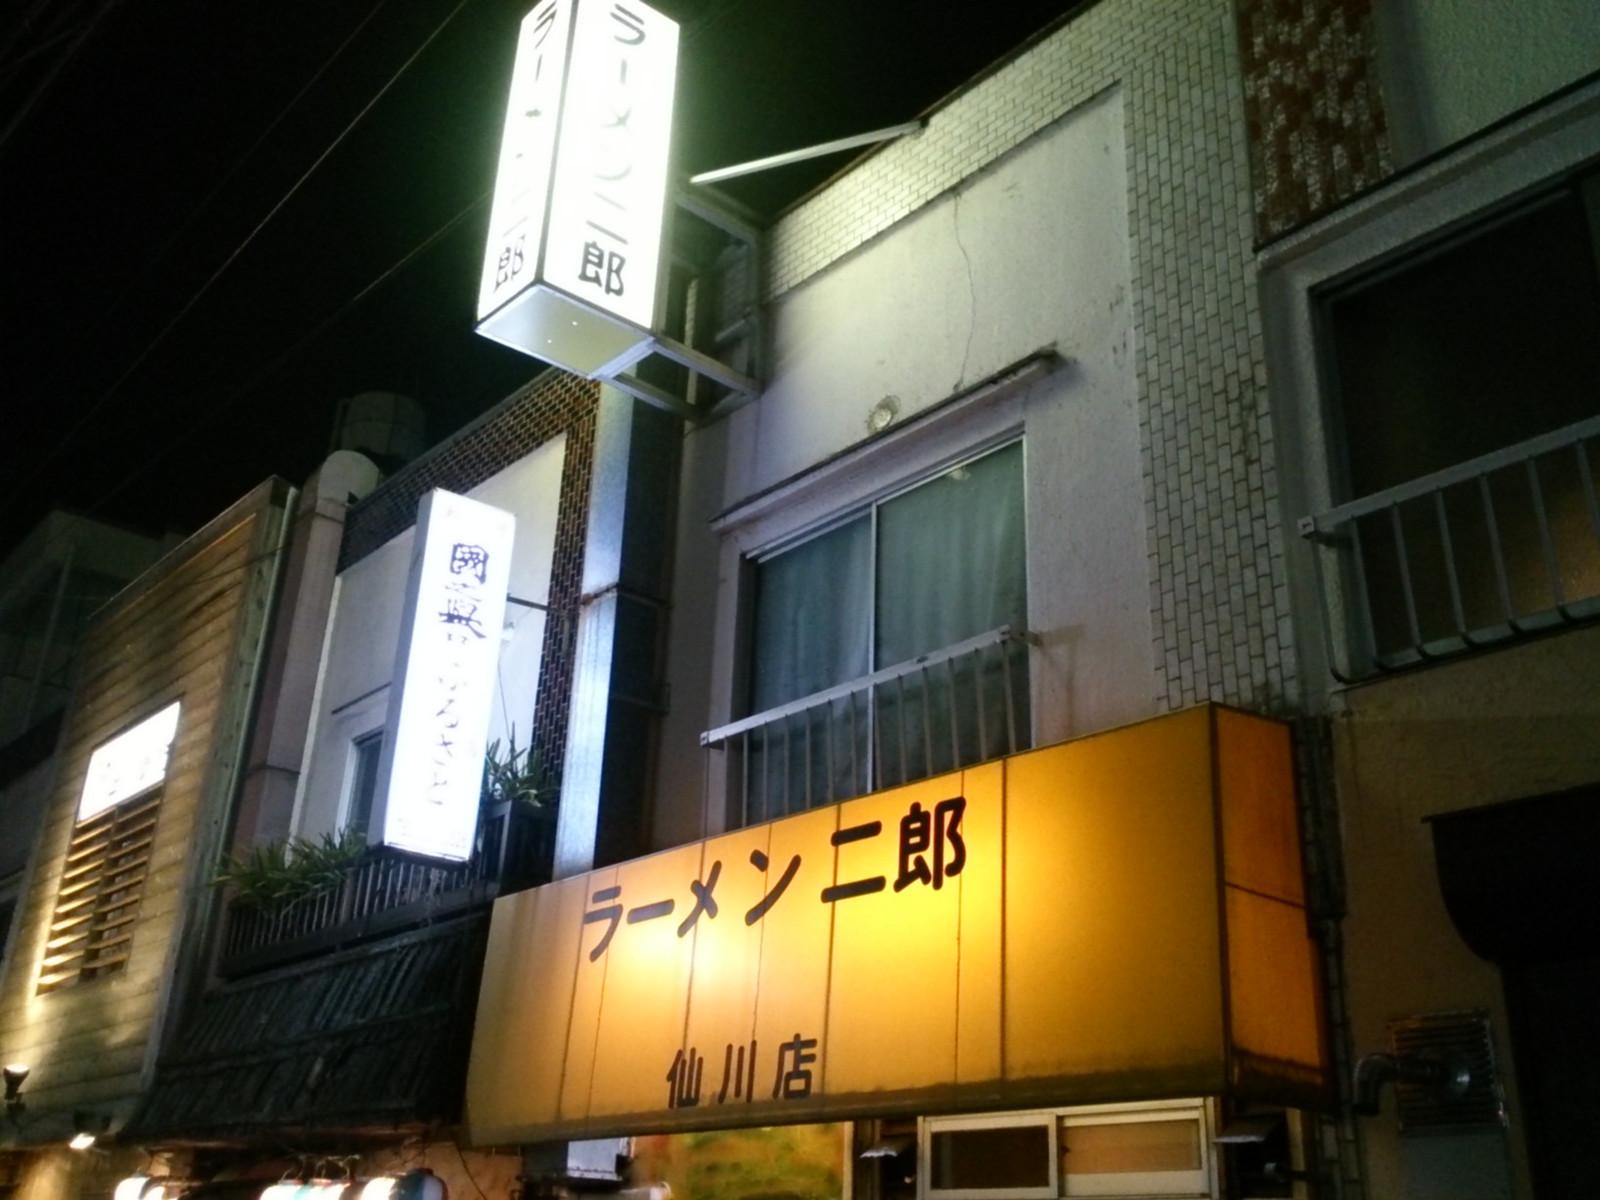 Dsc_91211